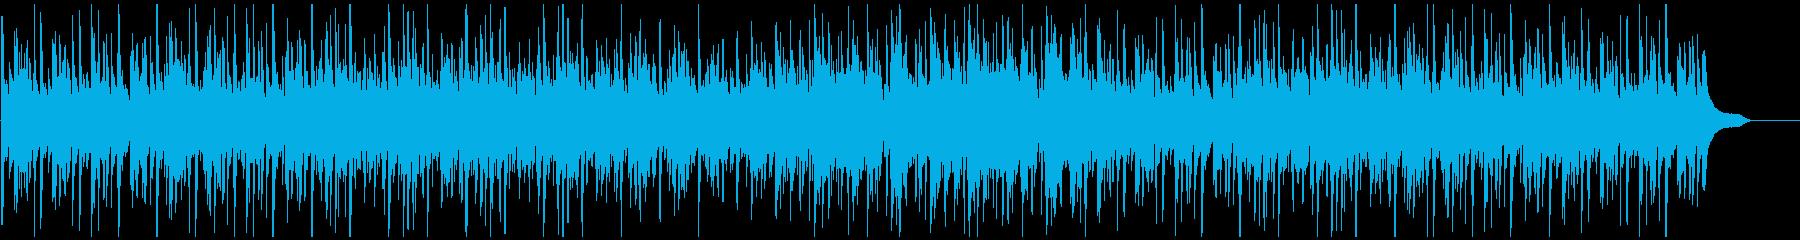 CMや映像にギター 輝く笑顔の映像に合うの再生済みの波形